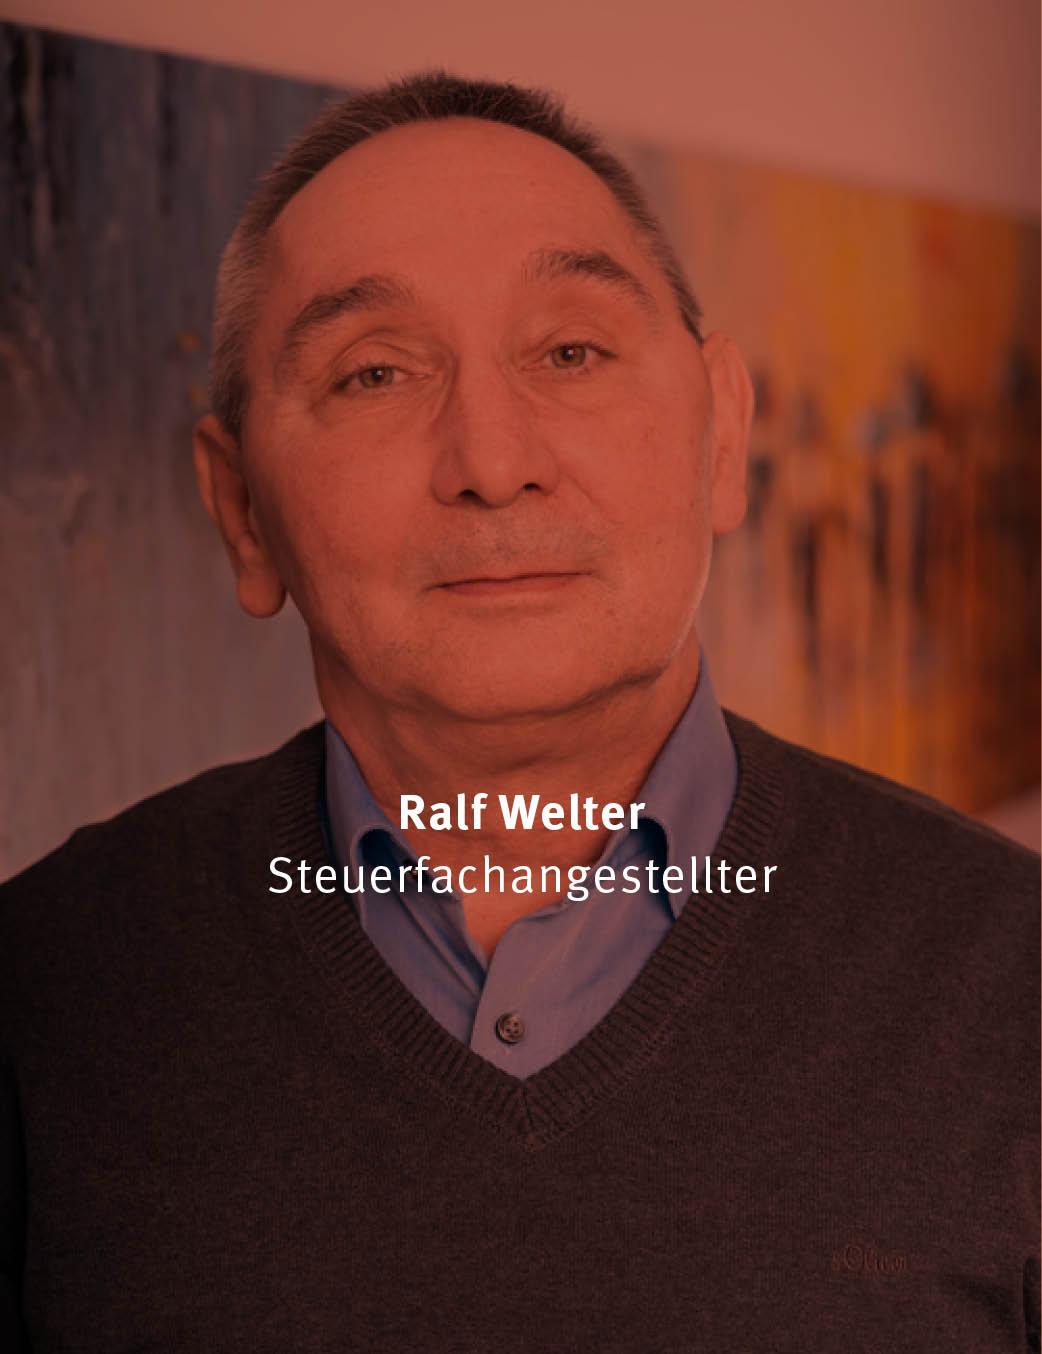 Ralf Welter Steuerfachangestellter Steuerberater Langenau Klaiber, Lotspeich, Kneer, Anhorn, Stiele, Partnerschaft mbB, Steuer, Langenau